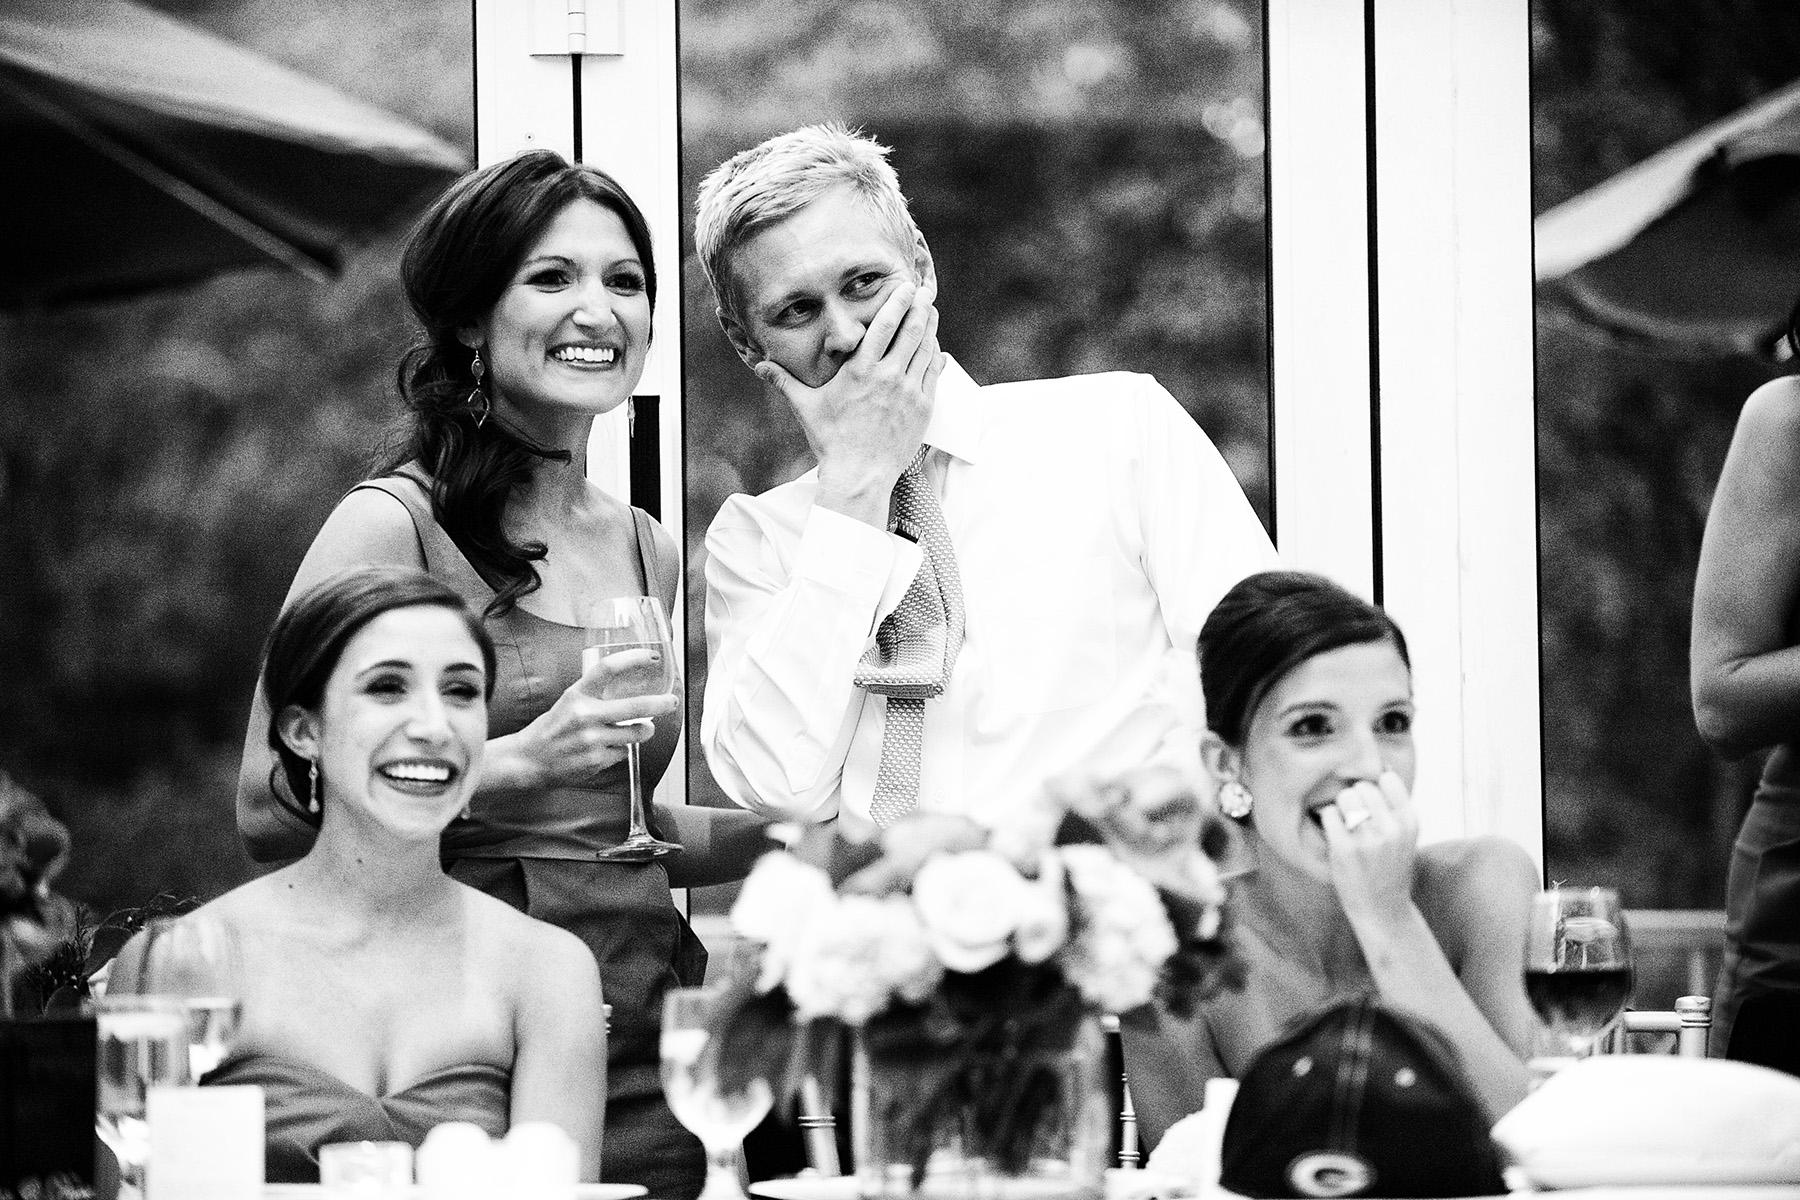 selah_photography_denver_wedding020.jpg